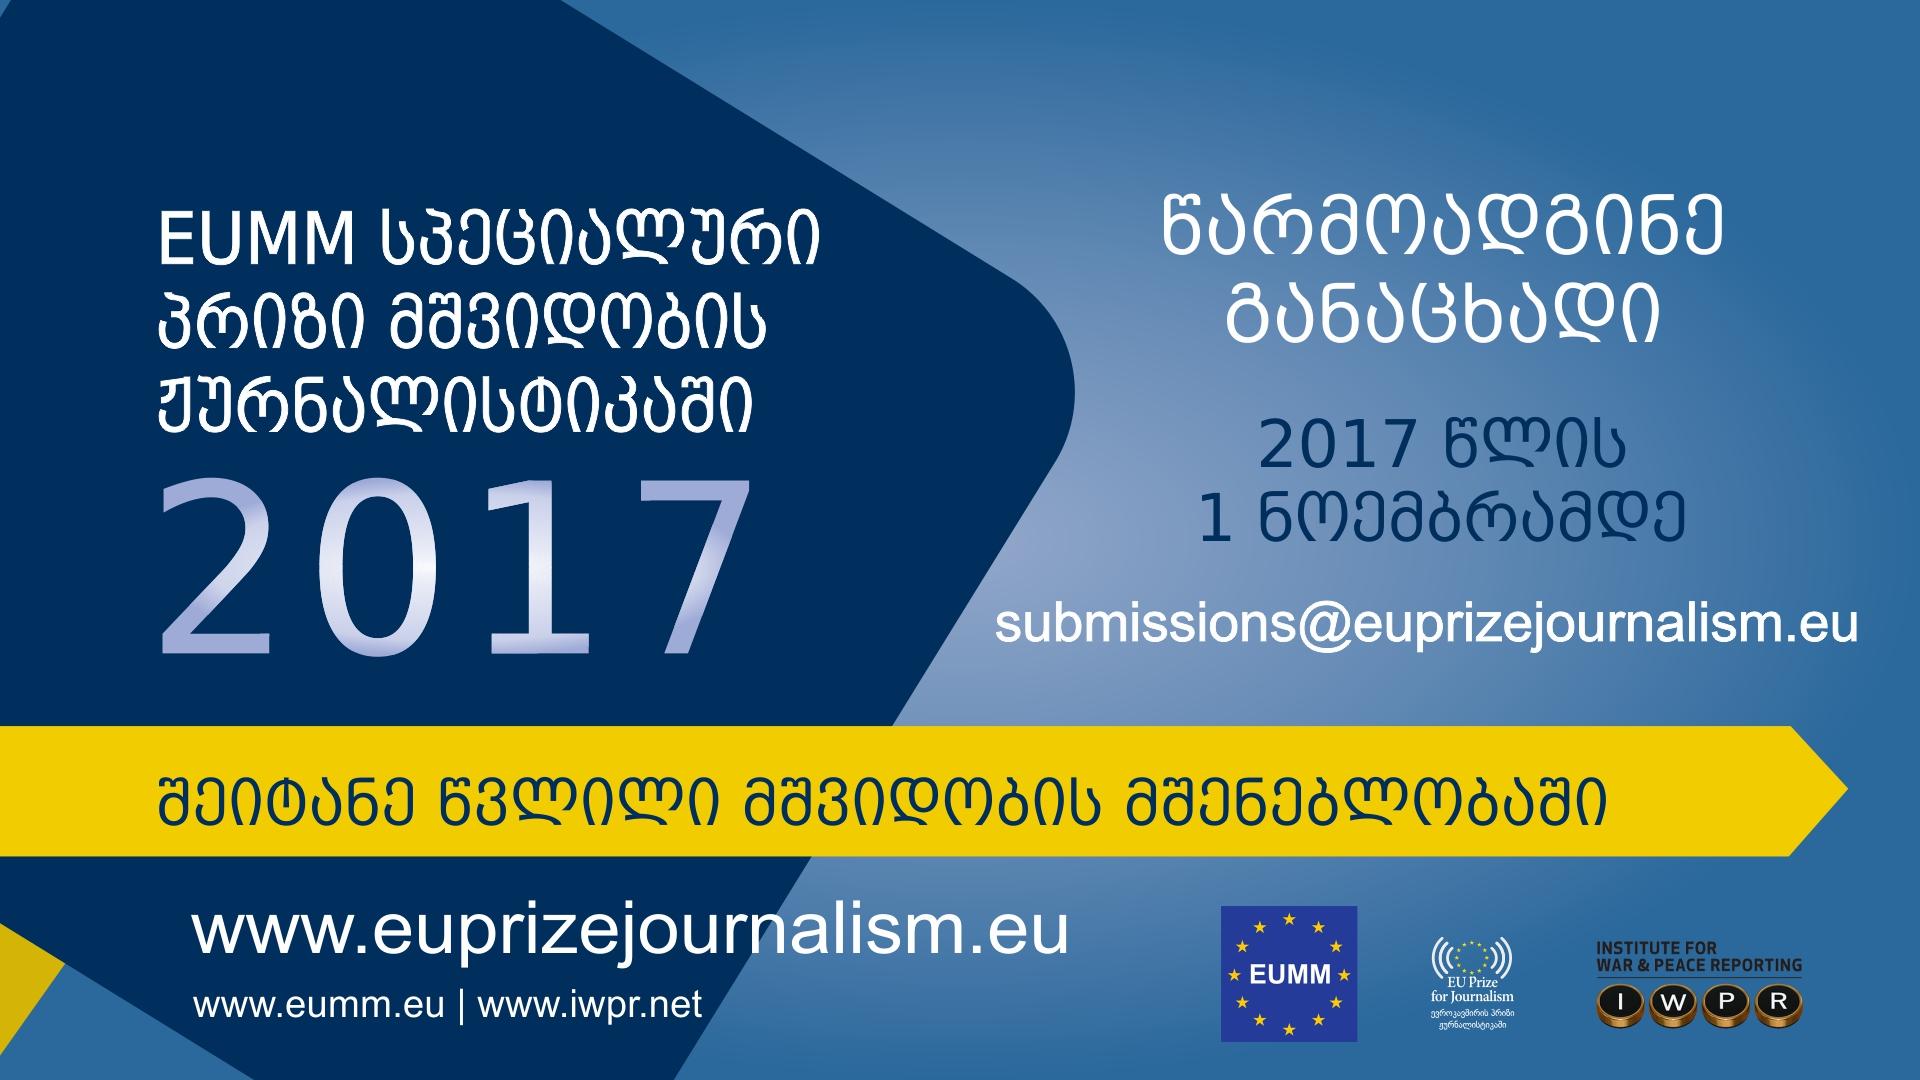 ევროკავშირის პრიზი ჟურნალისტიკაში 2017